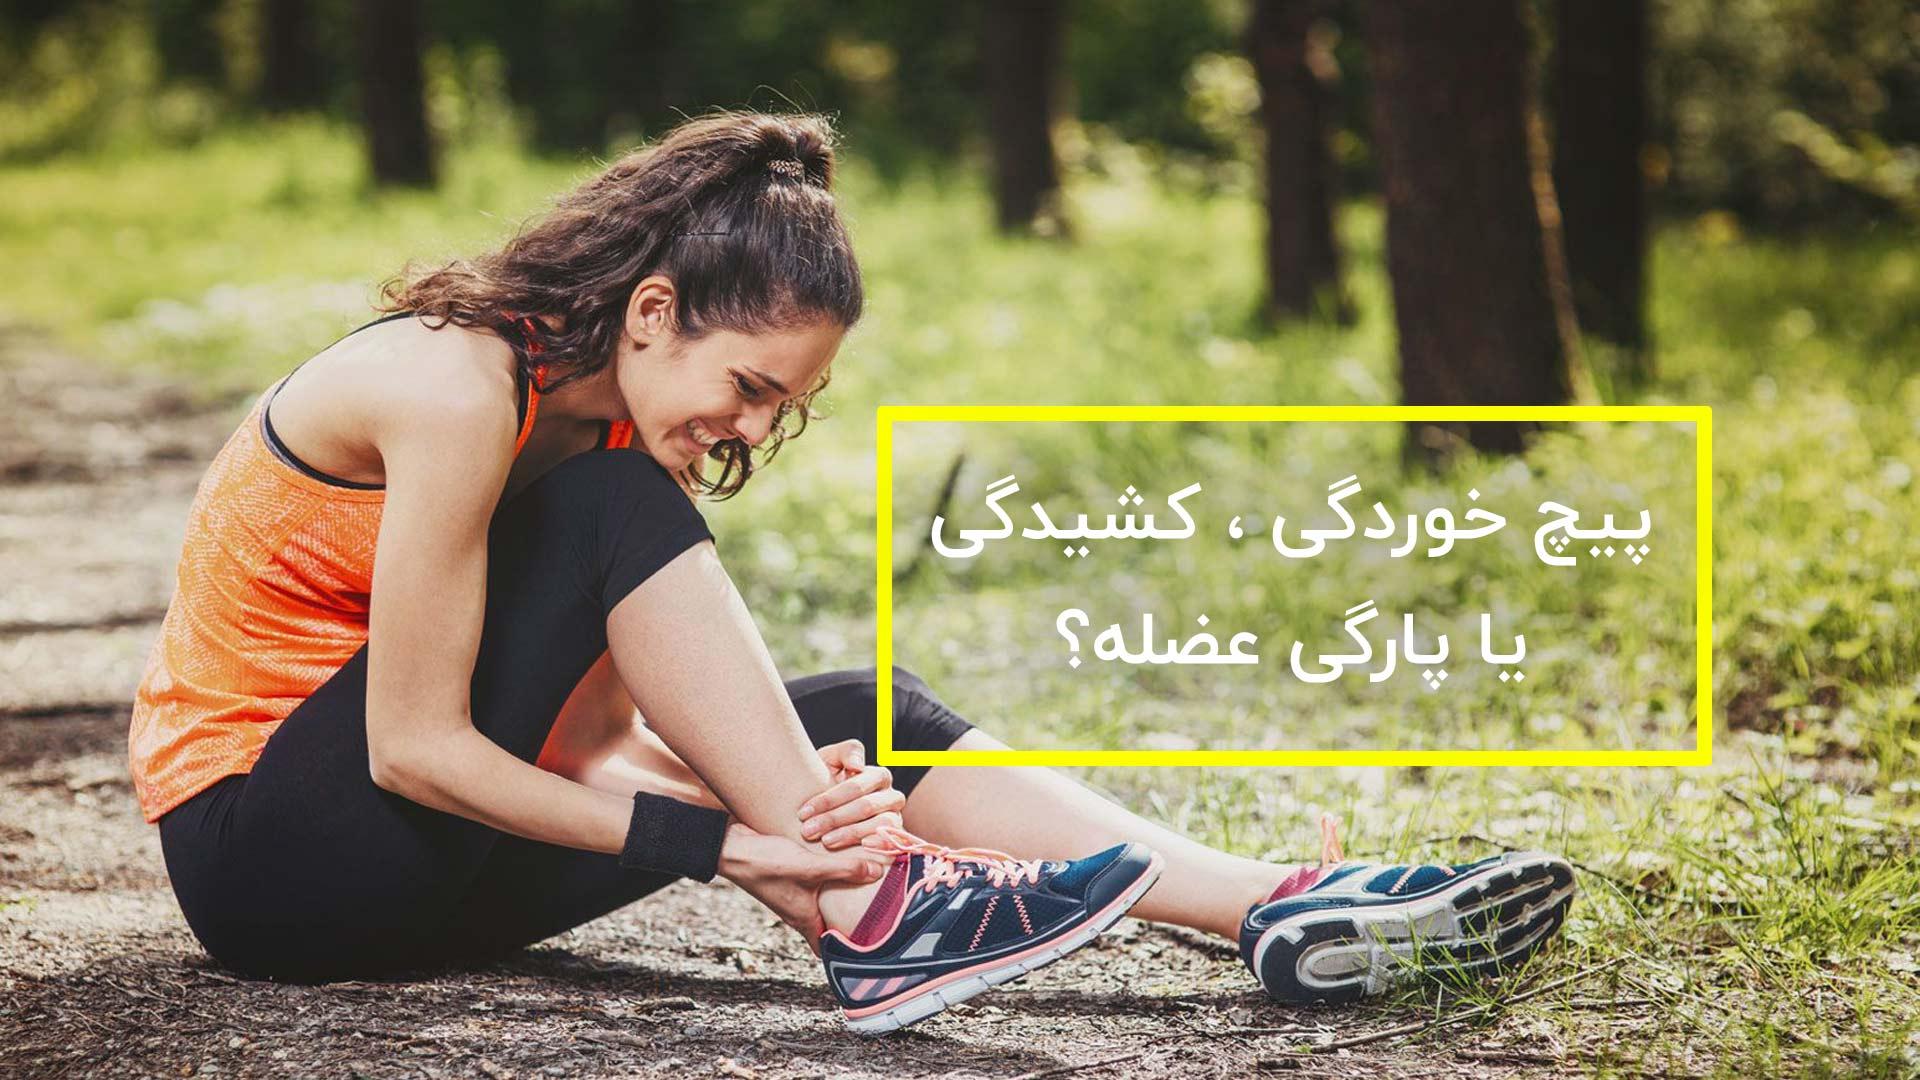 پیچ خوردگی ، کشیدگی یا پارگی عضله؟ تشخیص درد